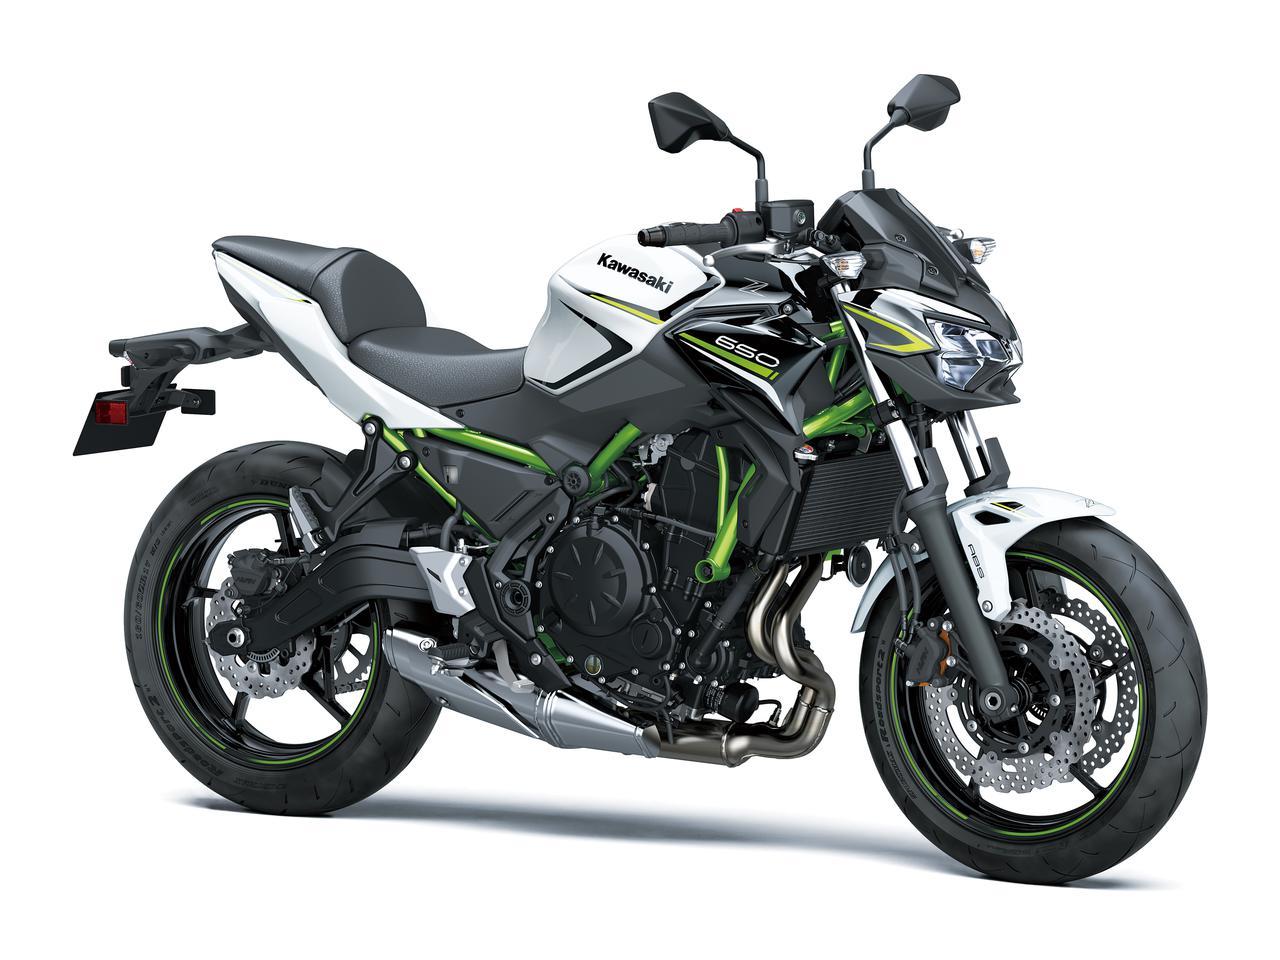 画像25: カワサキの新型「Z900」「Z650」は、デザインを「Z H2」のイメージに!? スタイリング紹介の第一報【EICMA 2019速報】